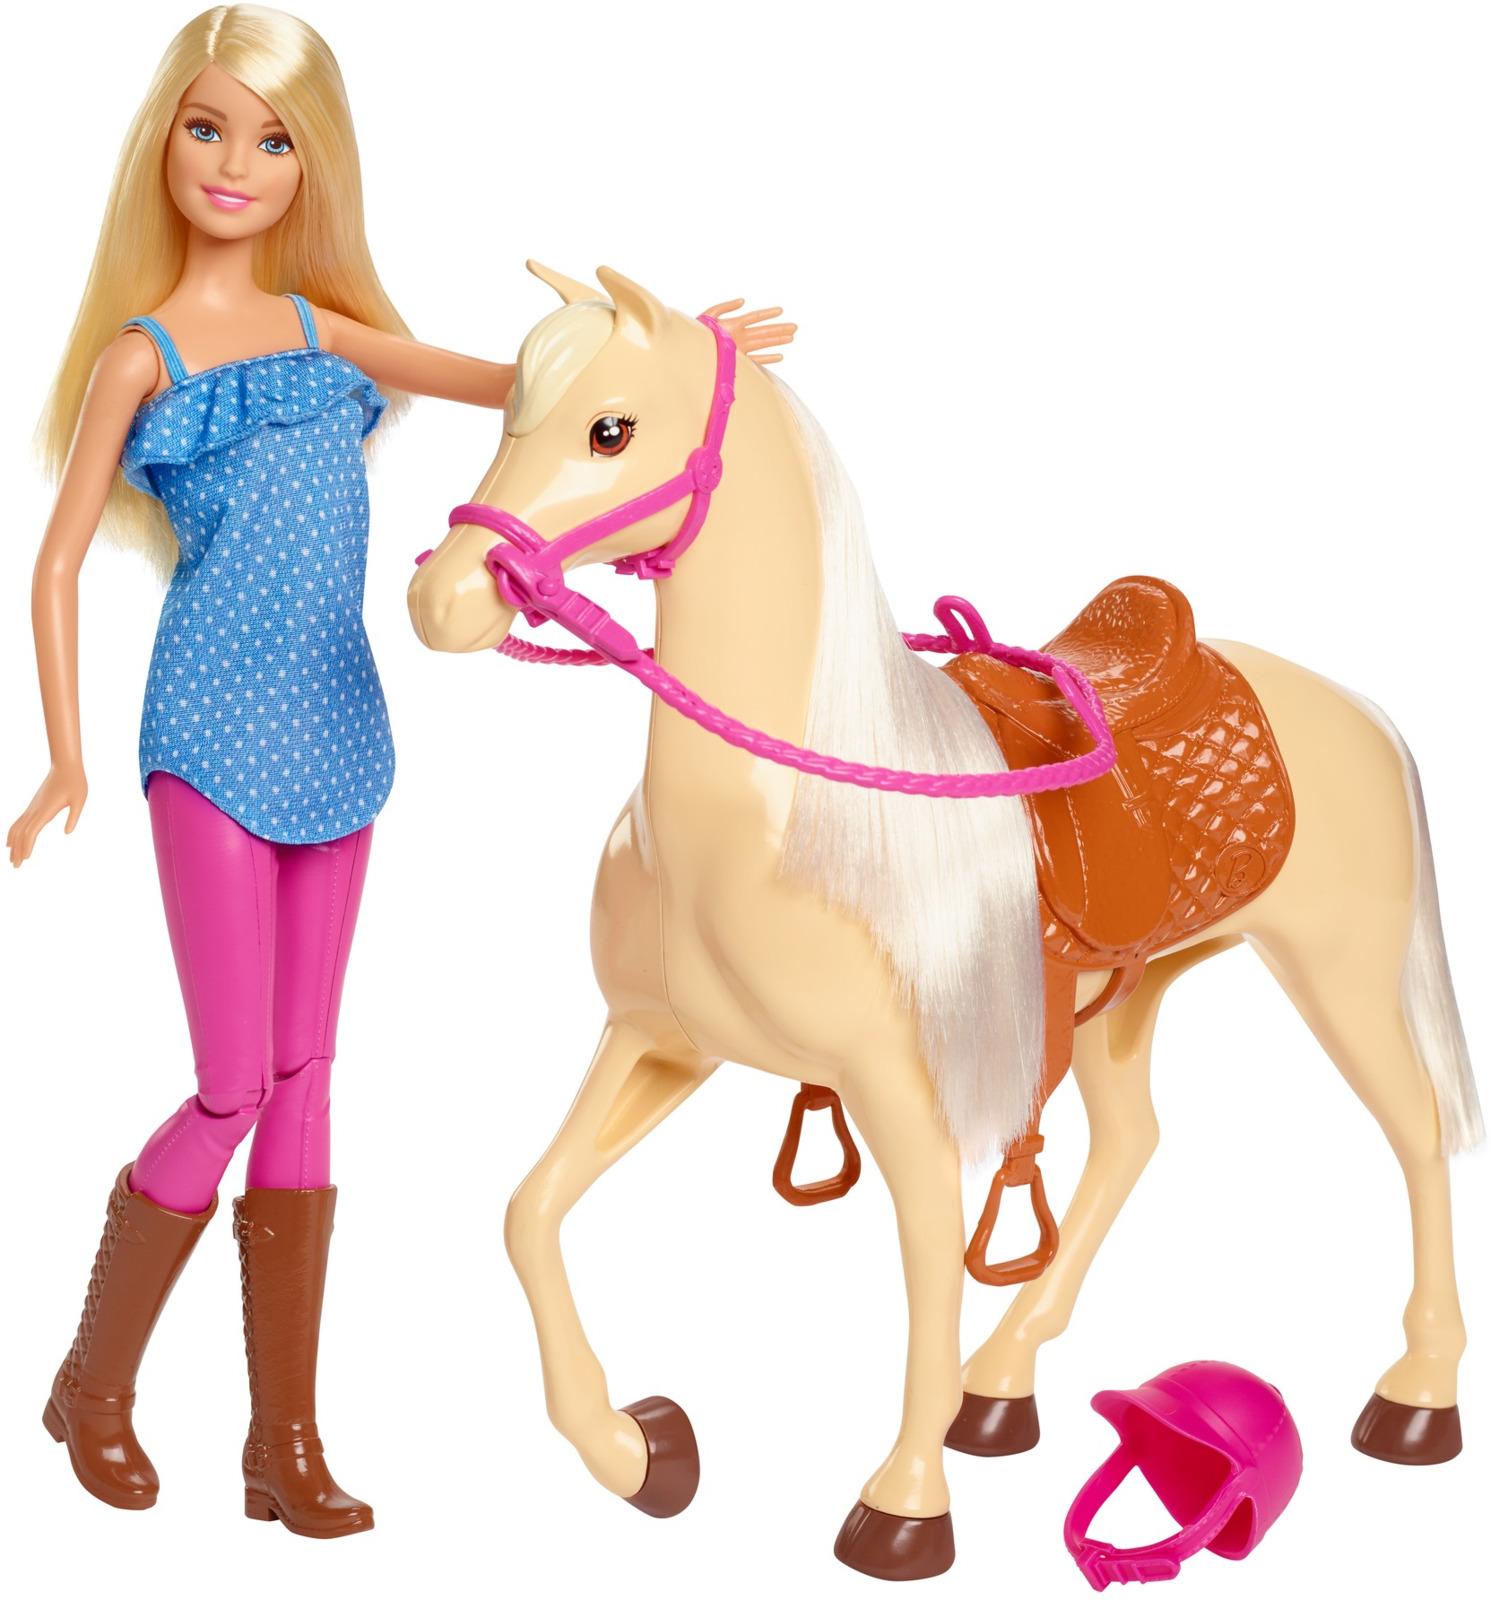 Игровой набор с куклой Barbie Barbie и лошадь, FXH13 mattel barbie барби и лошадь fxh13